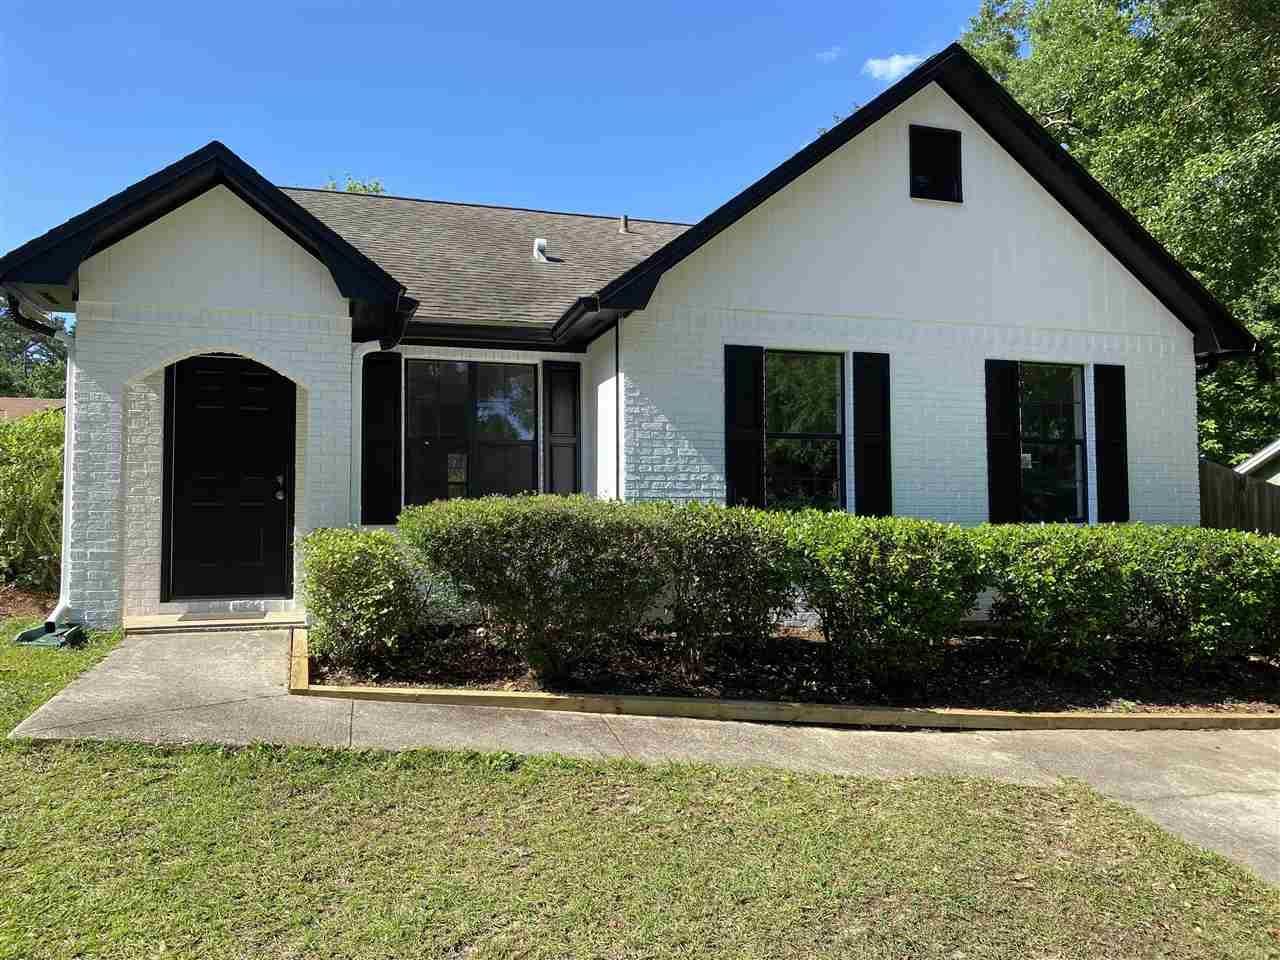 4130 White Pine Court, Tallahassee, FL 32311 - MLS#: 332345